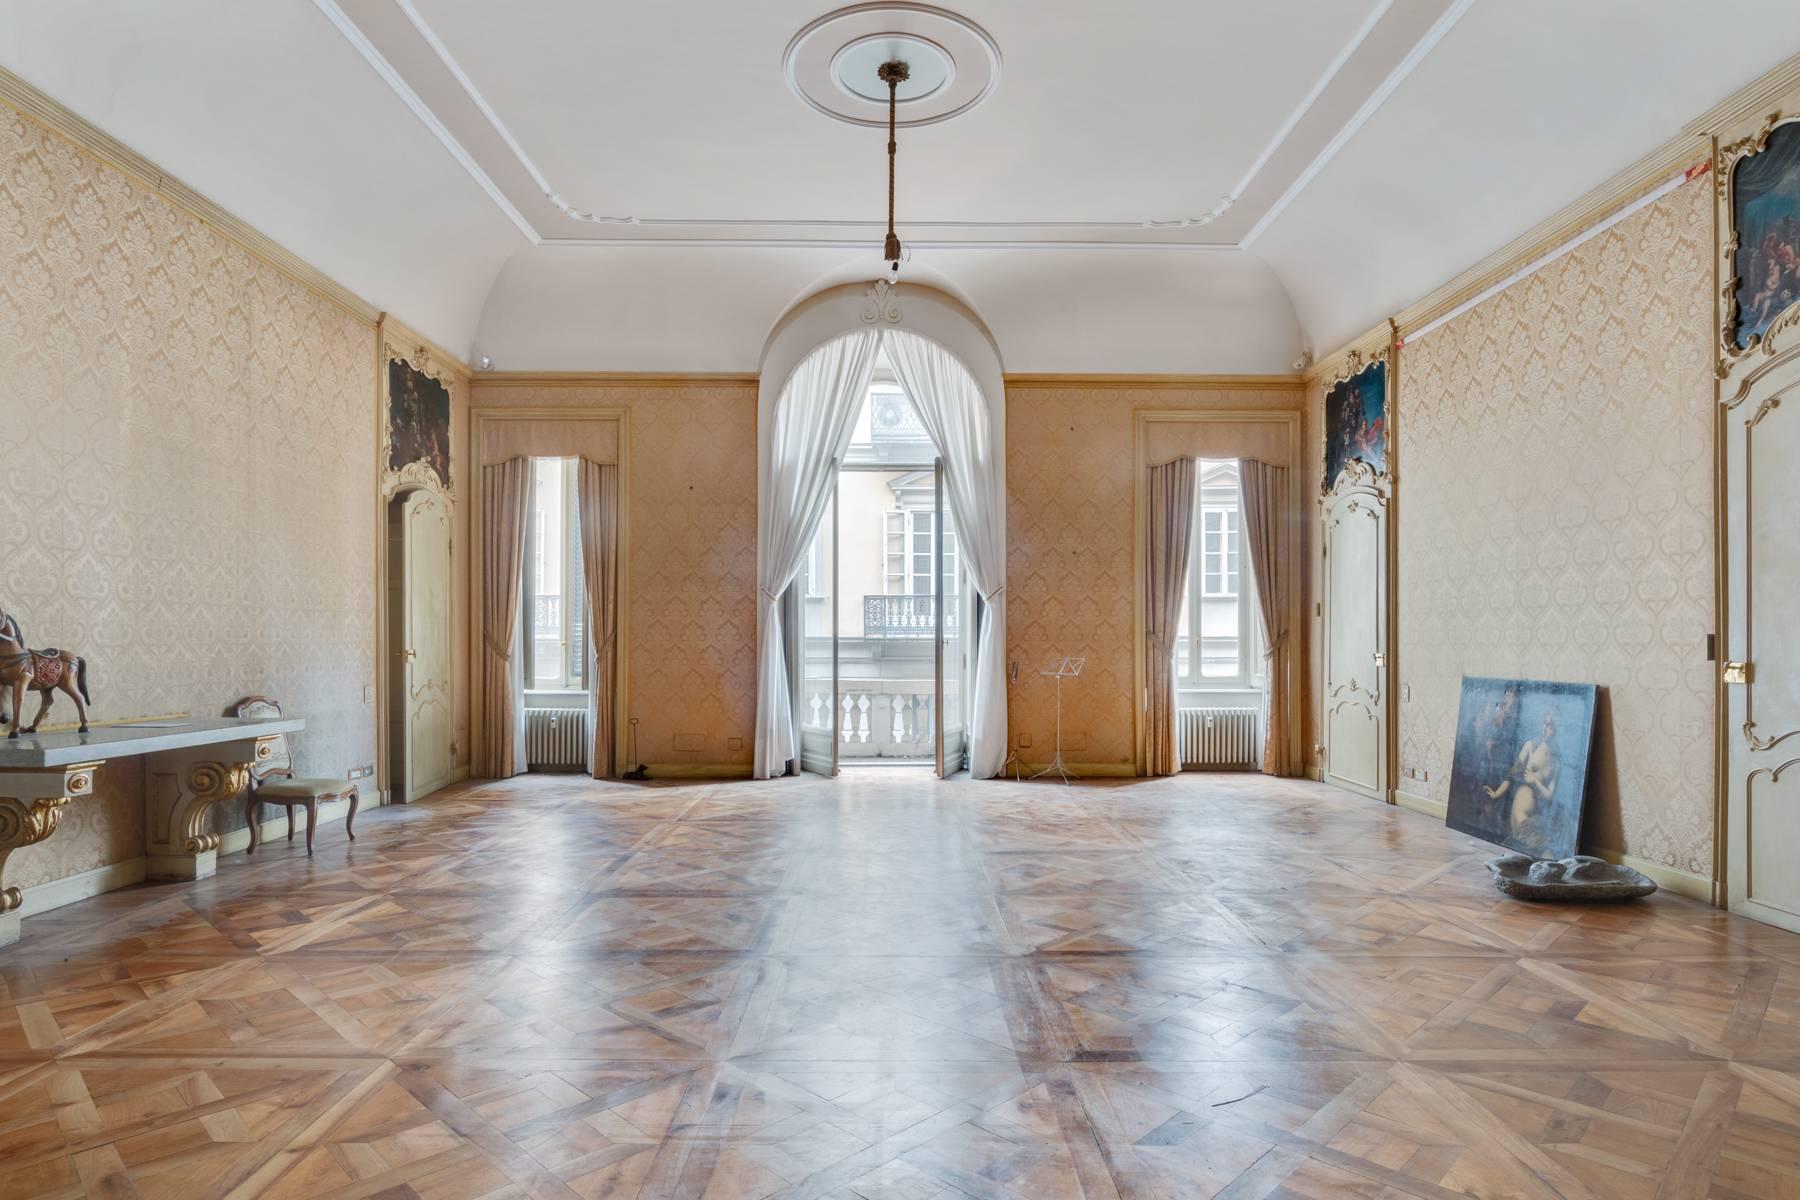 Luxus-Wohnung im historischen Palast - 4